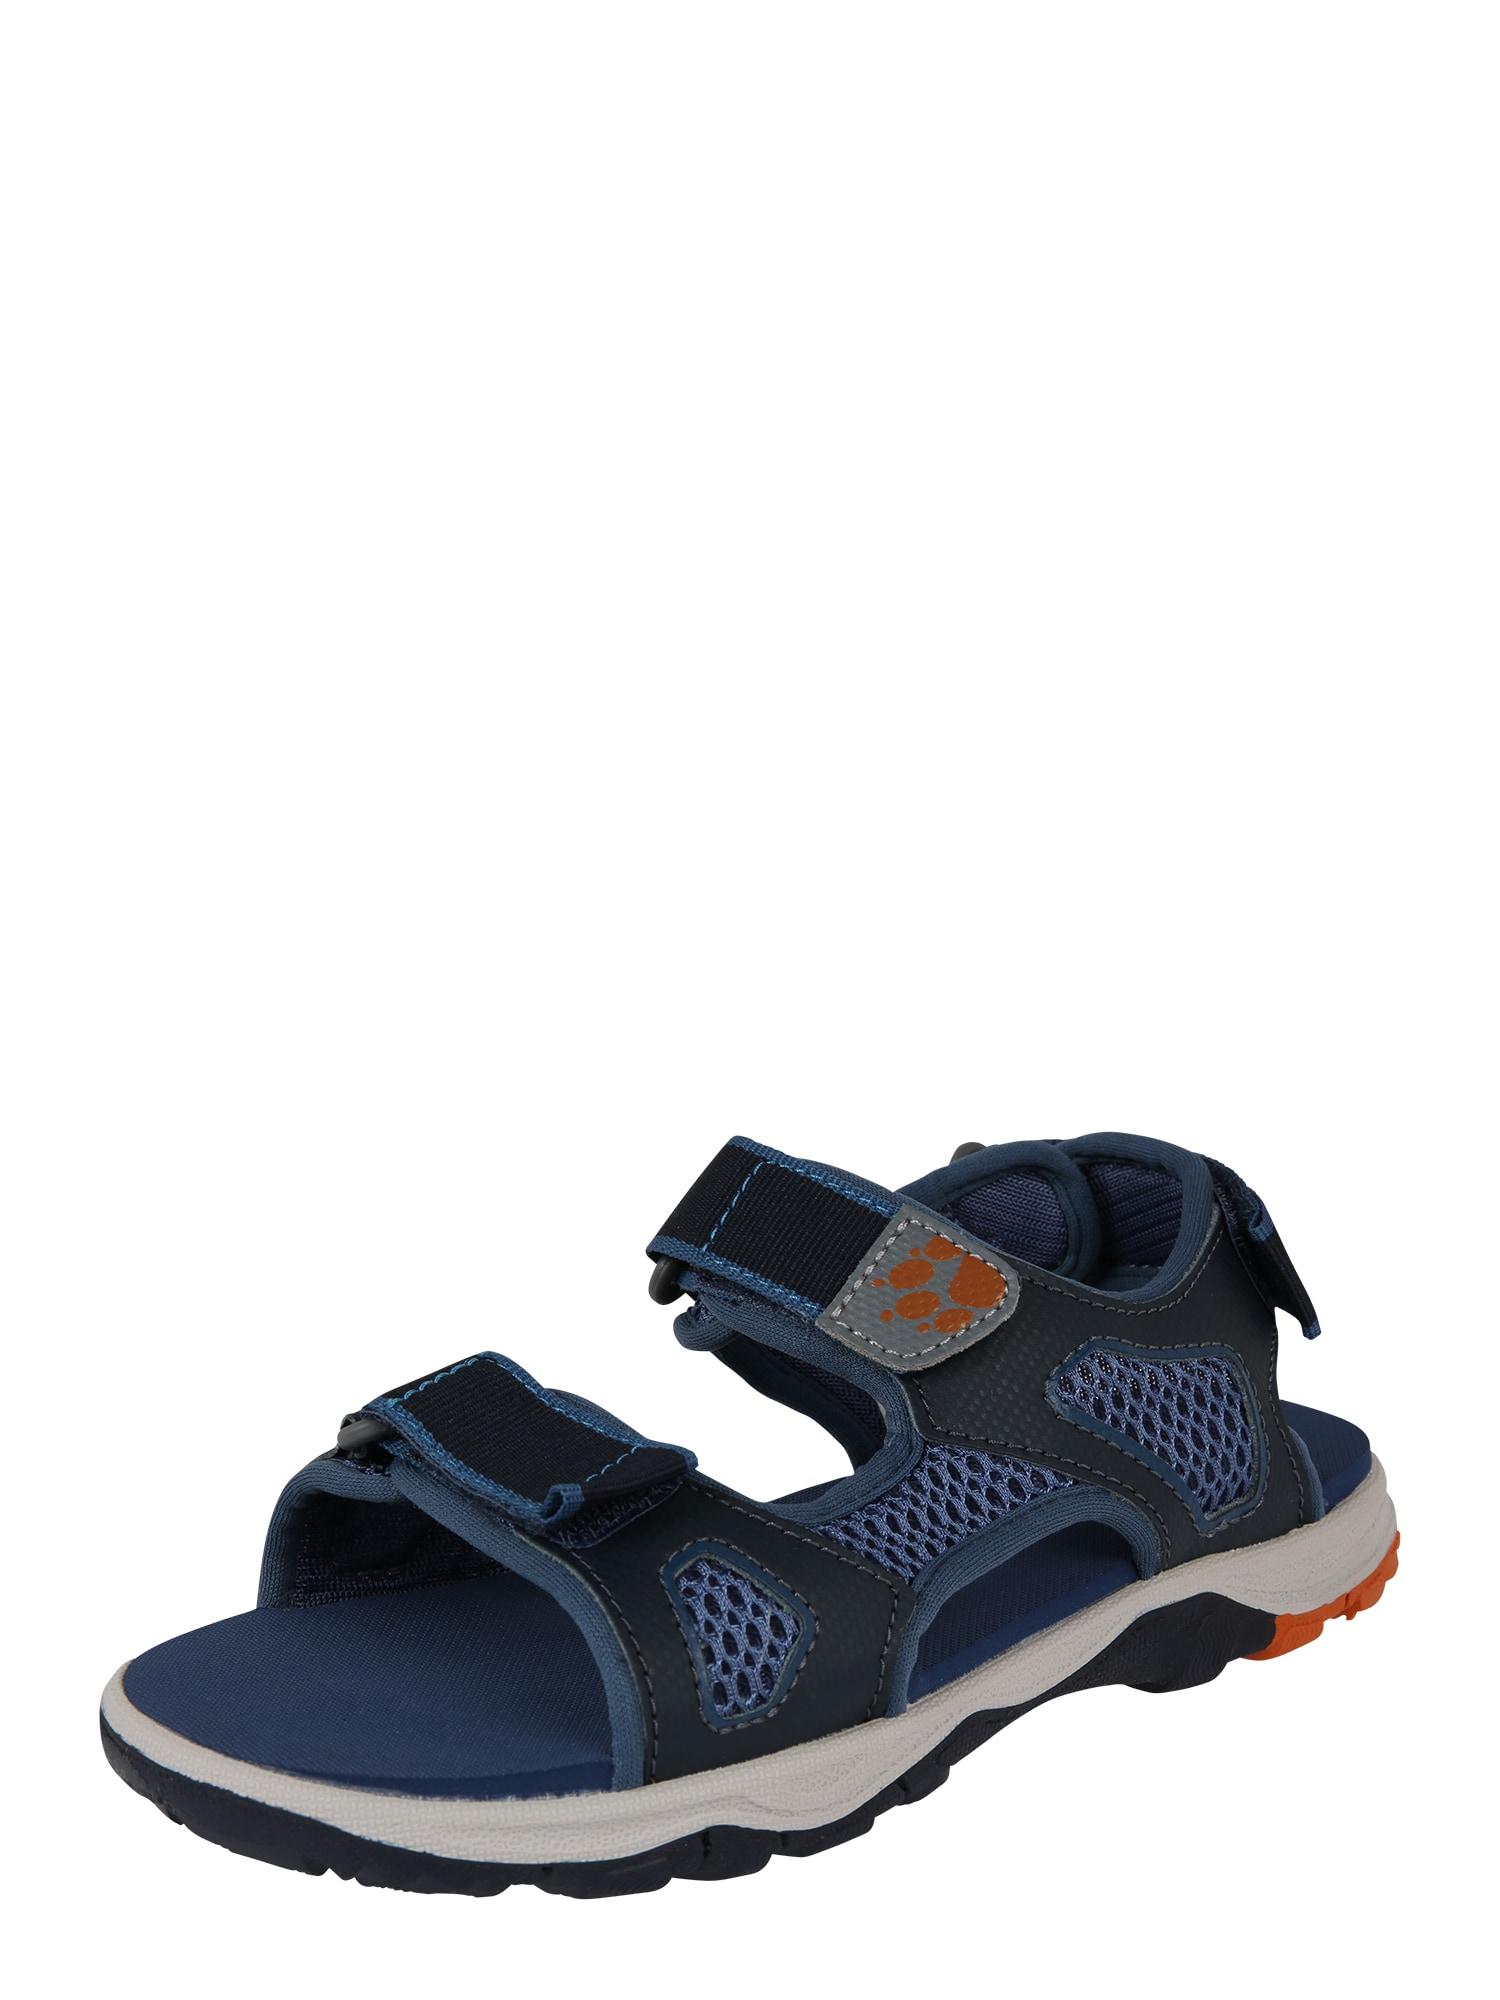 Otevřená obuv PUNO BEACH modrá JACK WOLFSKIN